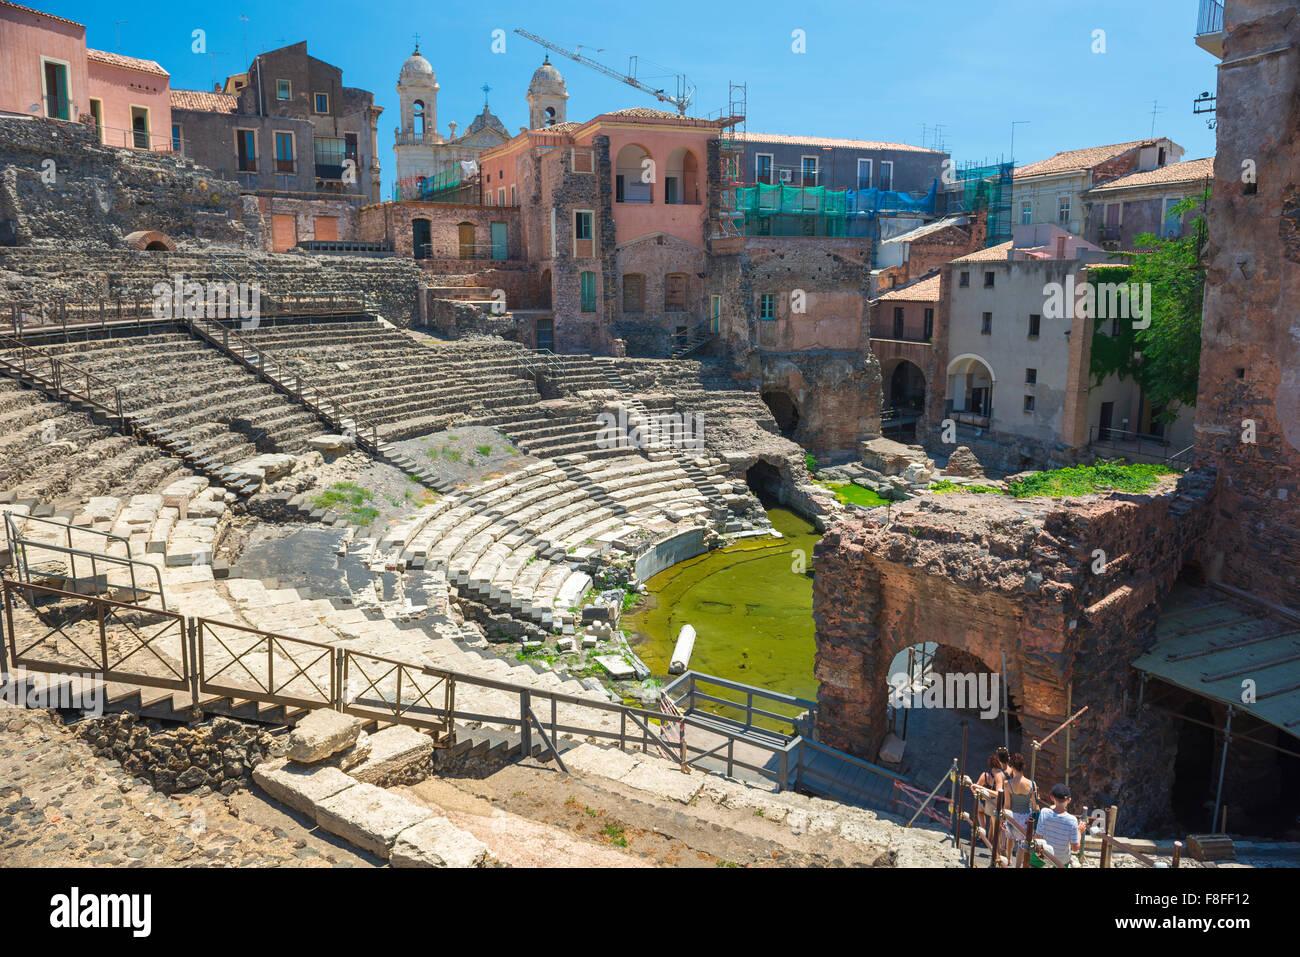 Catania Teatro Romano, auditorium of the ancient Roman theatre (theater) in the centre of Catania, Sicily. - Stock Image